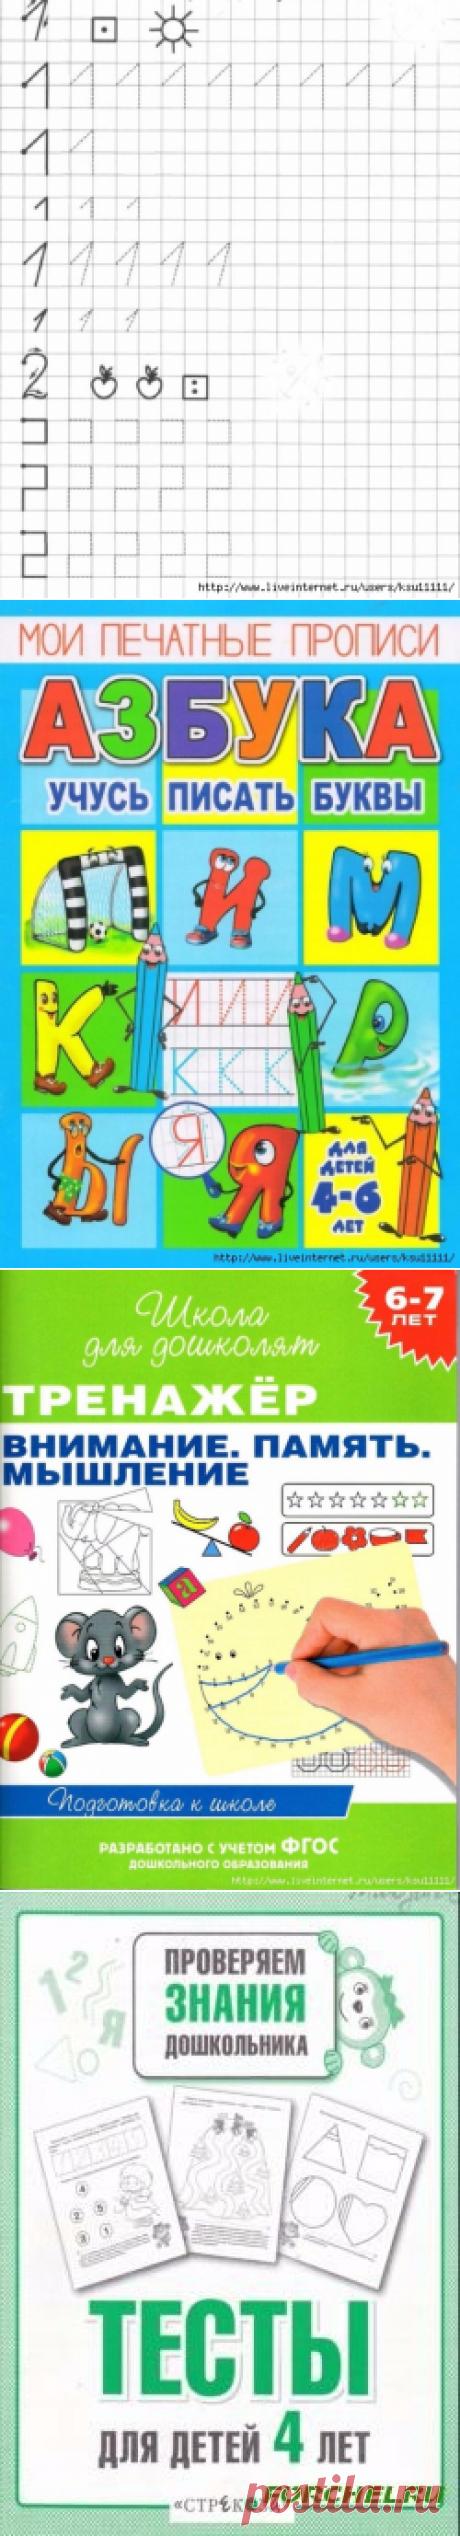 подготовка к школе | Записи с меткой подготовка к школе | Дневник Ксю11111